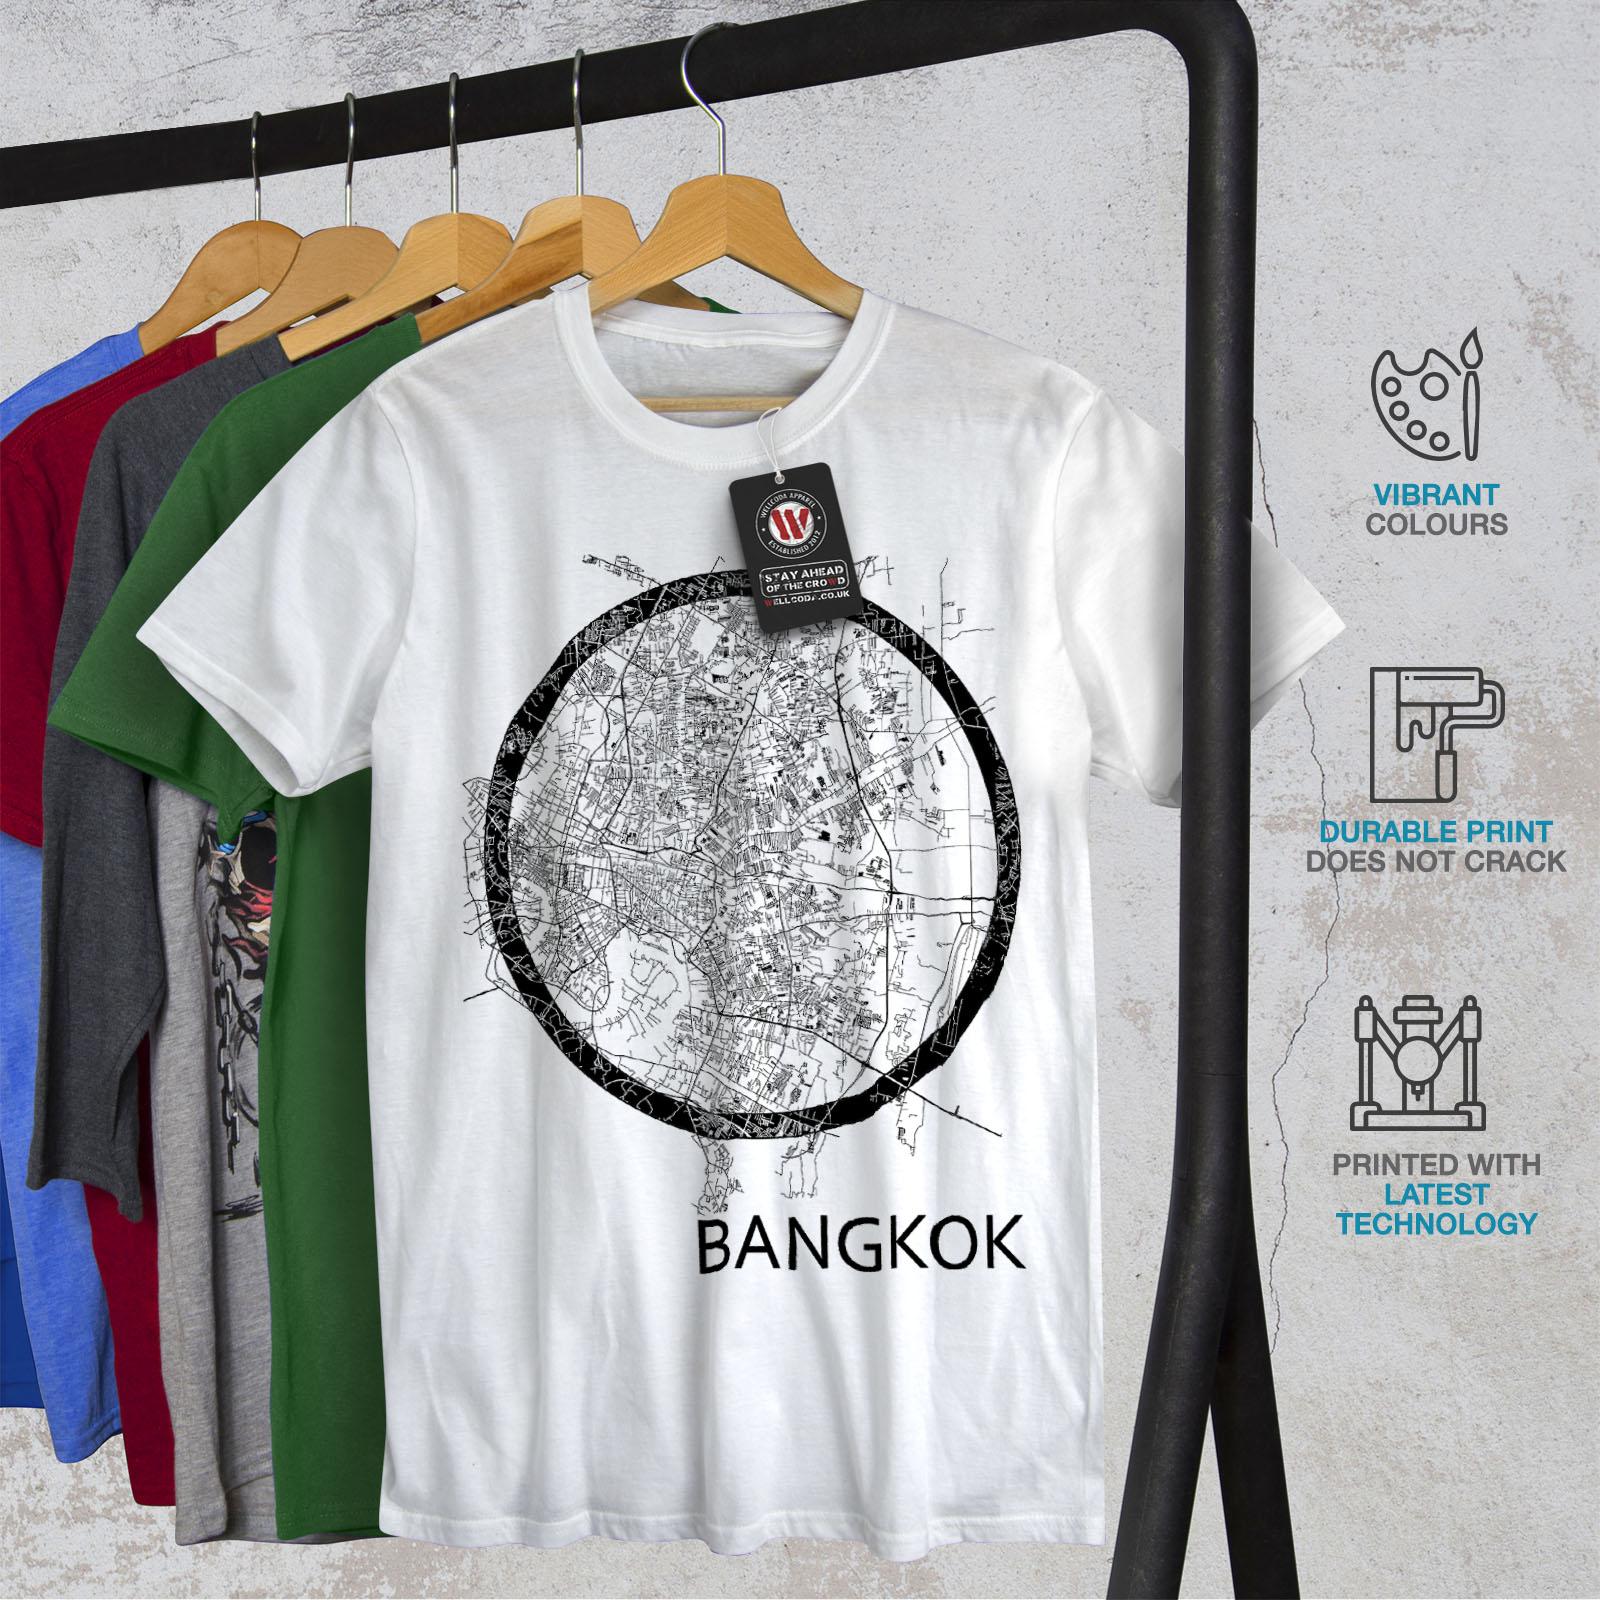 Wellcoda-Thailand-Bangkok-Map-Mens-T-shirt-Big-Graphic-Design-Printed-Tee thumbnail 12